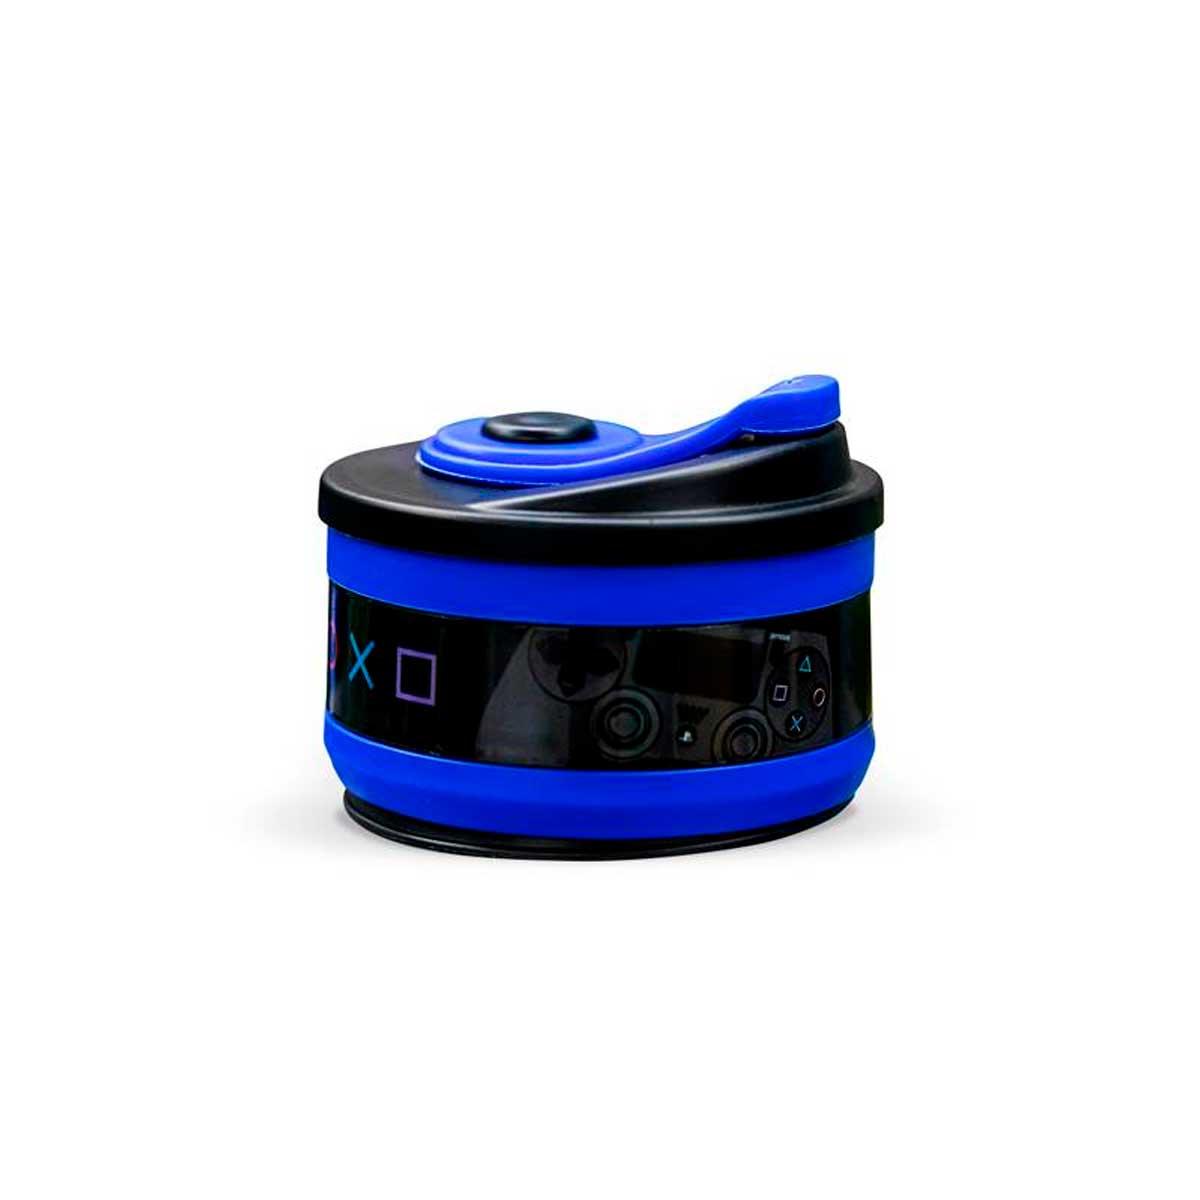 Copo Retrátil Dobrável de Silicone Playstation Azul